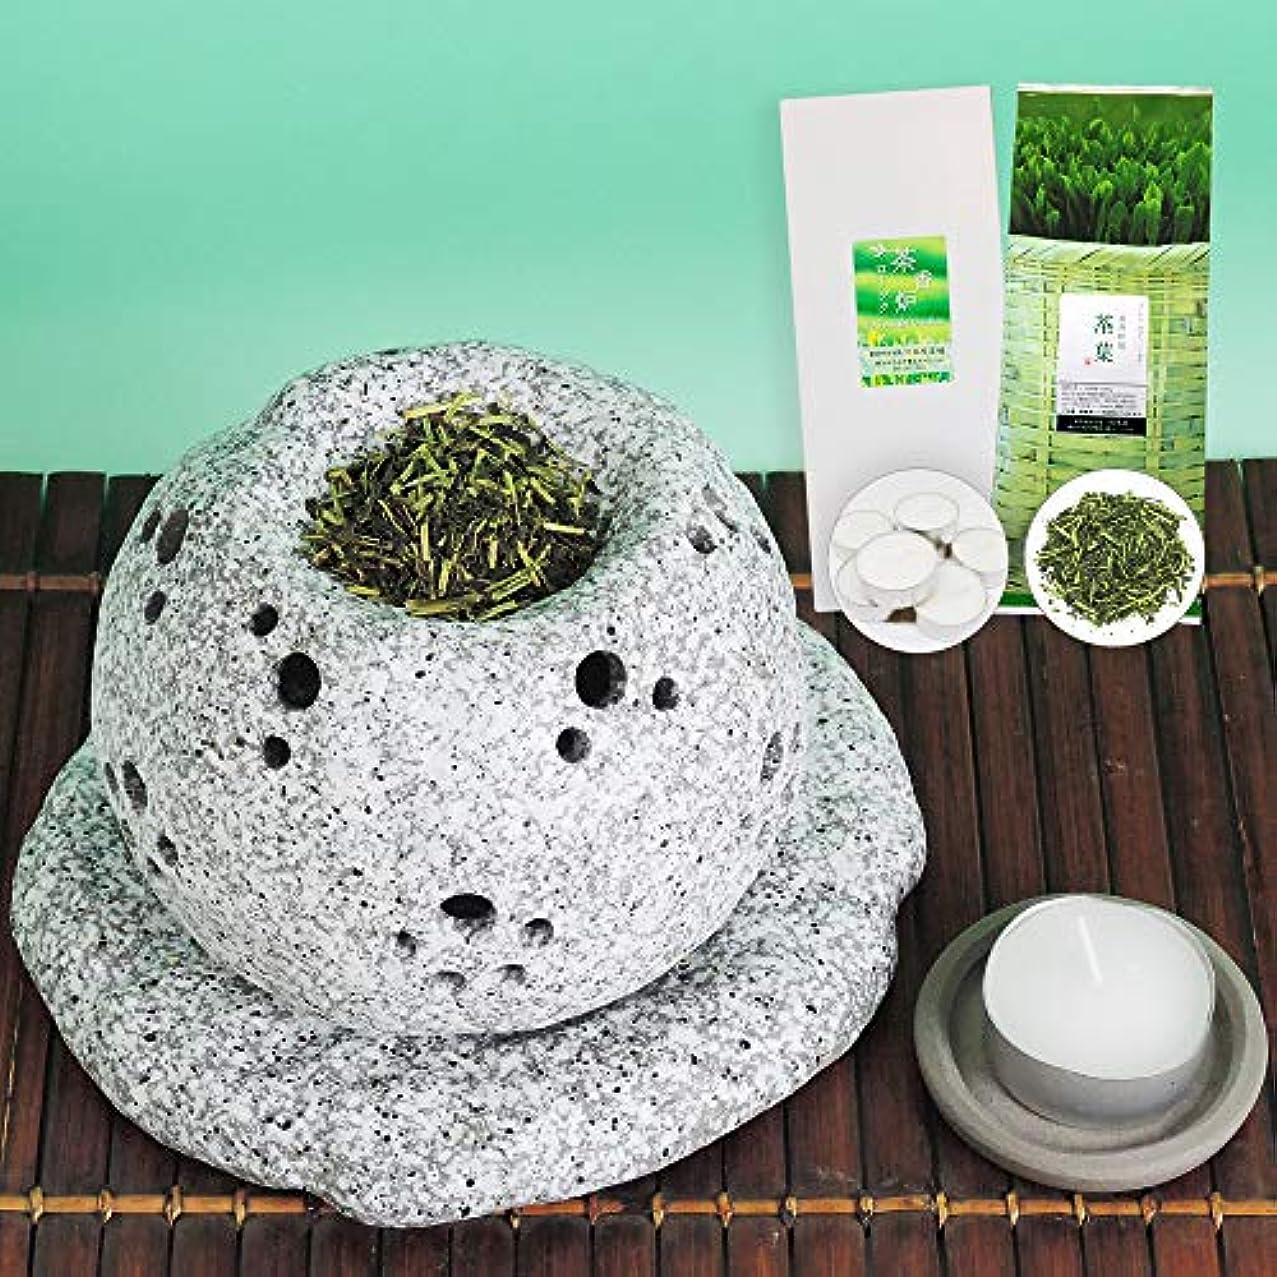 ドナウ川リズム偽造元祖 茶香炉セット 茶香炉専用茶葉&ローソク付 川本屋茶舗